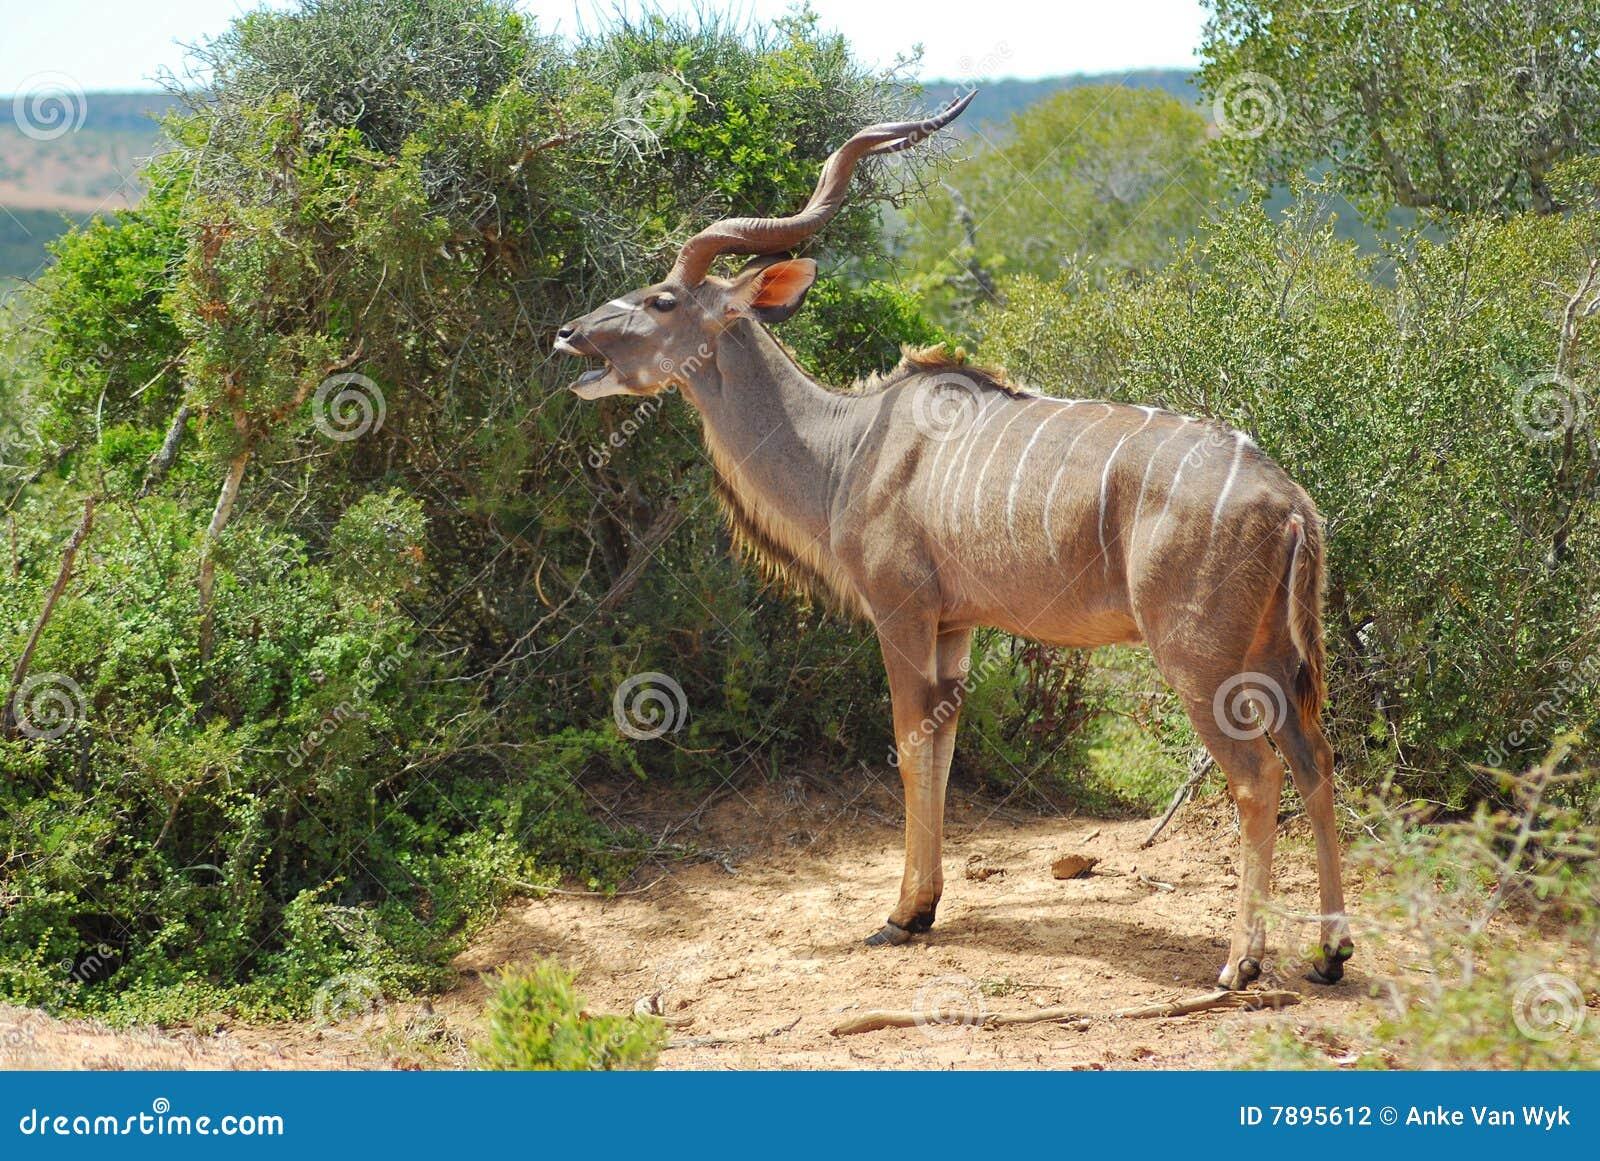 African antelope (Koedoe)